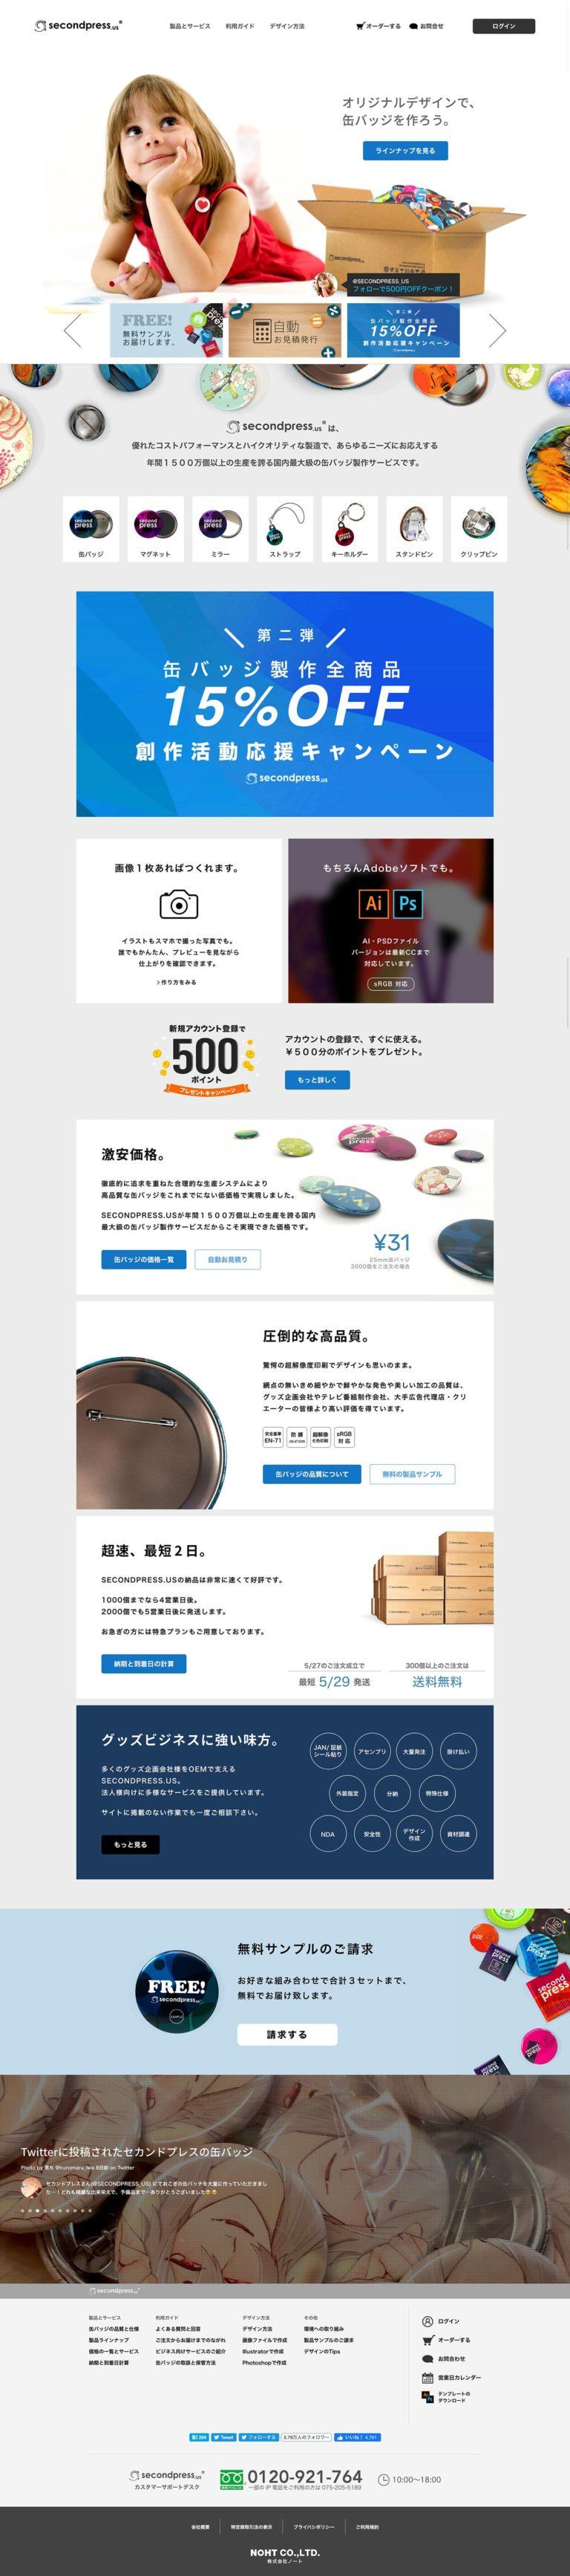 国内最大級の缶バッジ製造サービス | SECONDPRESS.US